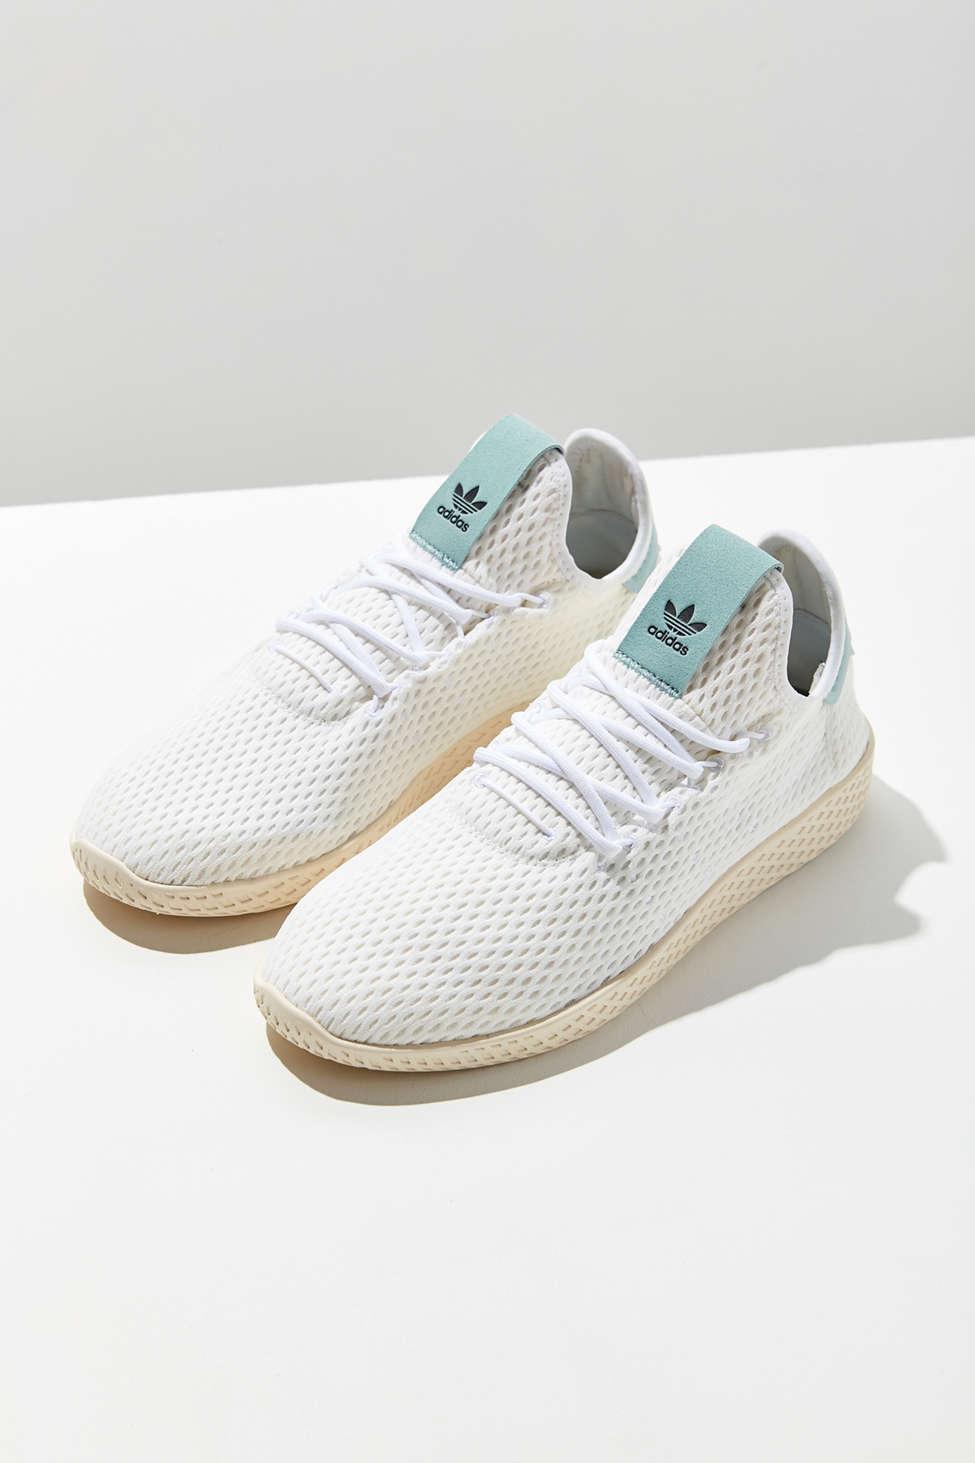 adidas originali x pharrell williams tennis hu scarpe urbano